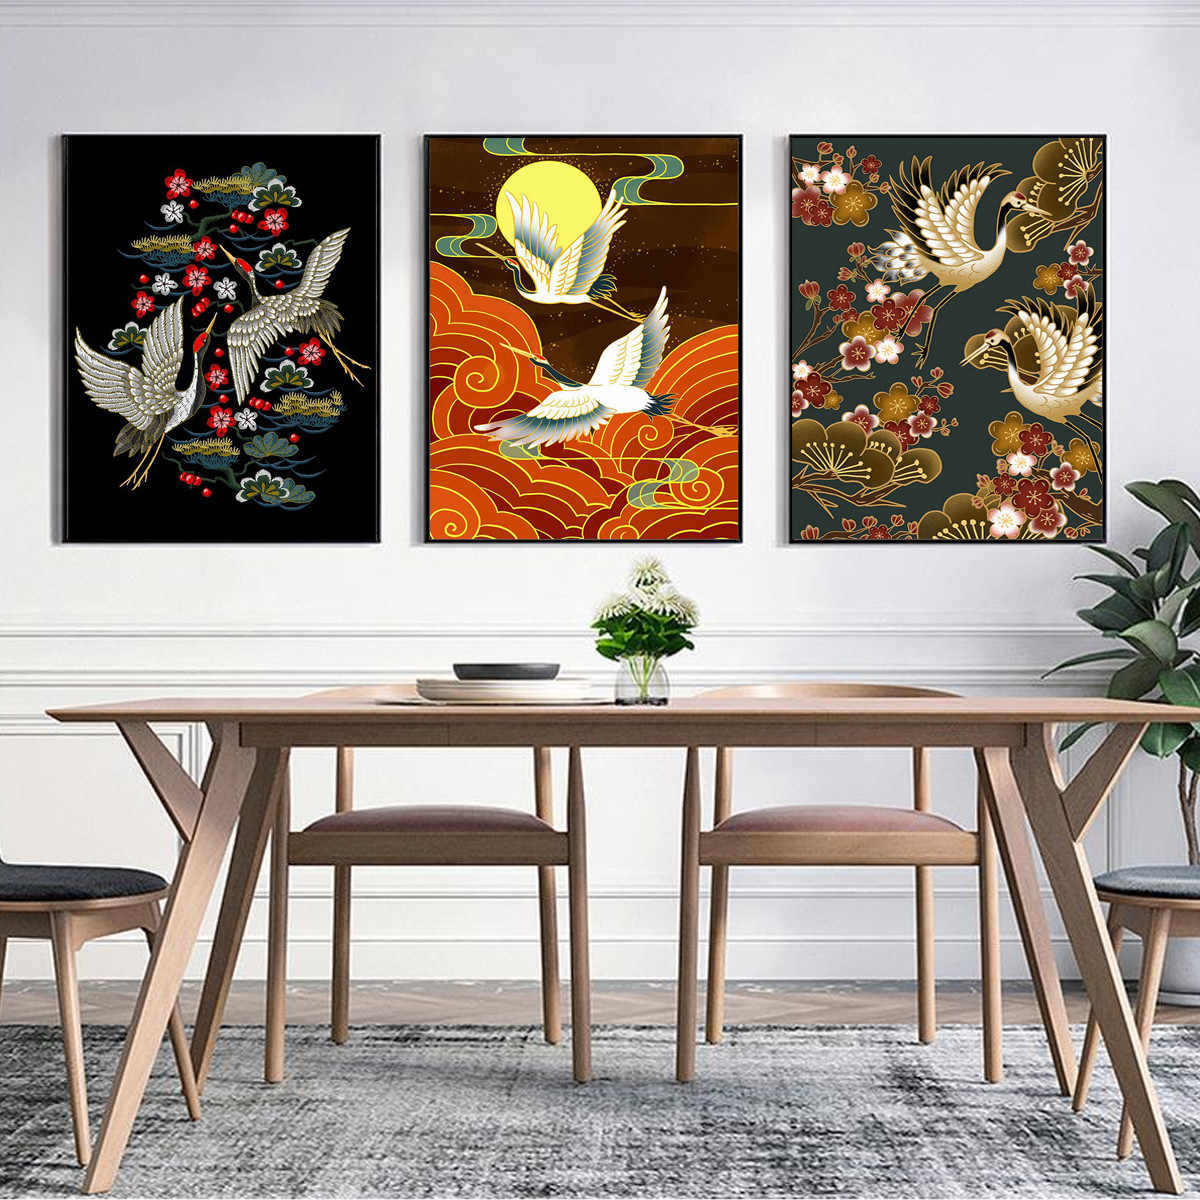 Hoja de oro chinos grúa aves Lienzo Cuadro Póster Pared Arte Decoración Hogar